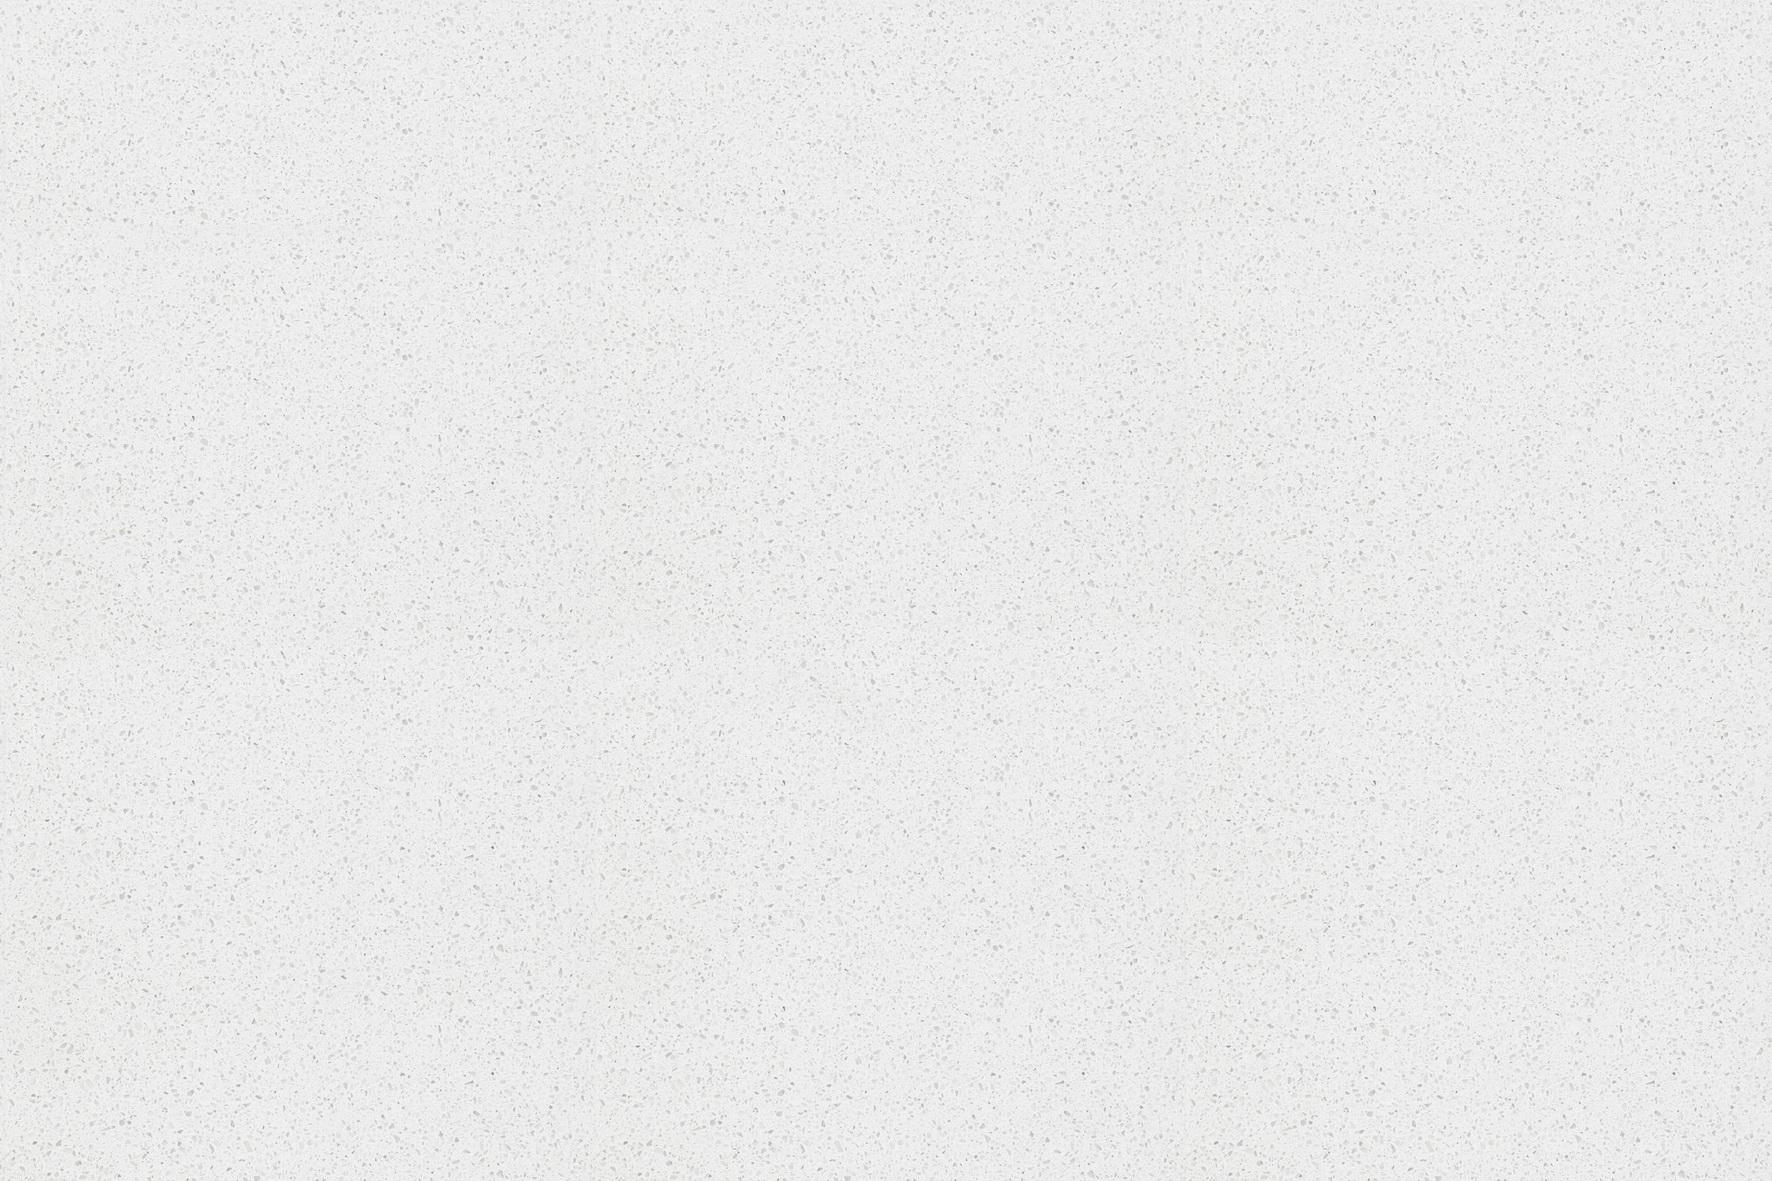 ARCTIC WHITE-UNIPLUS - UNIPLUS-LUCIDE Foto: 1_58330_37606.jpg